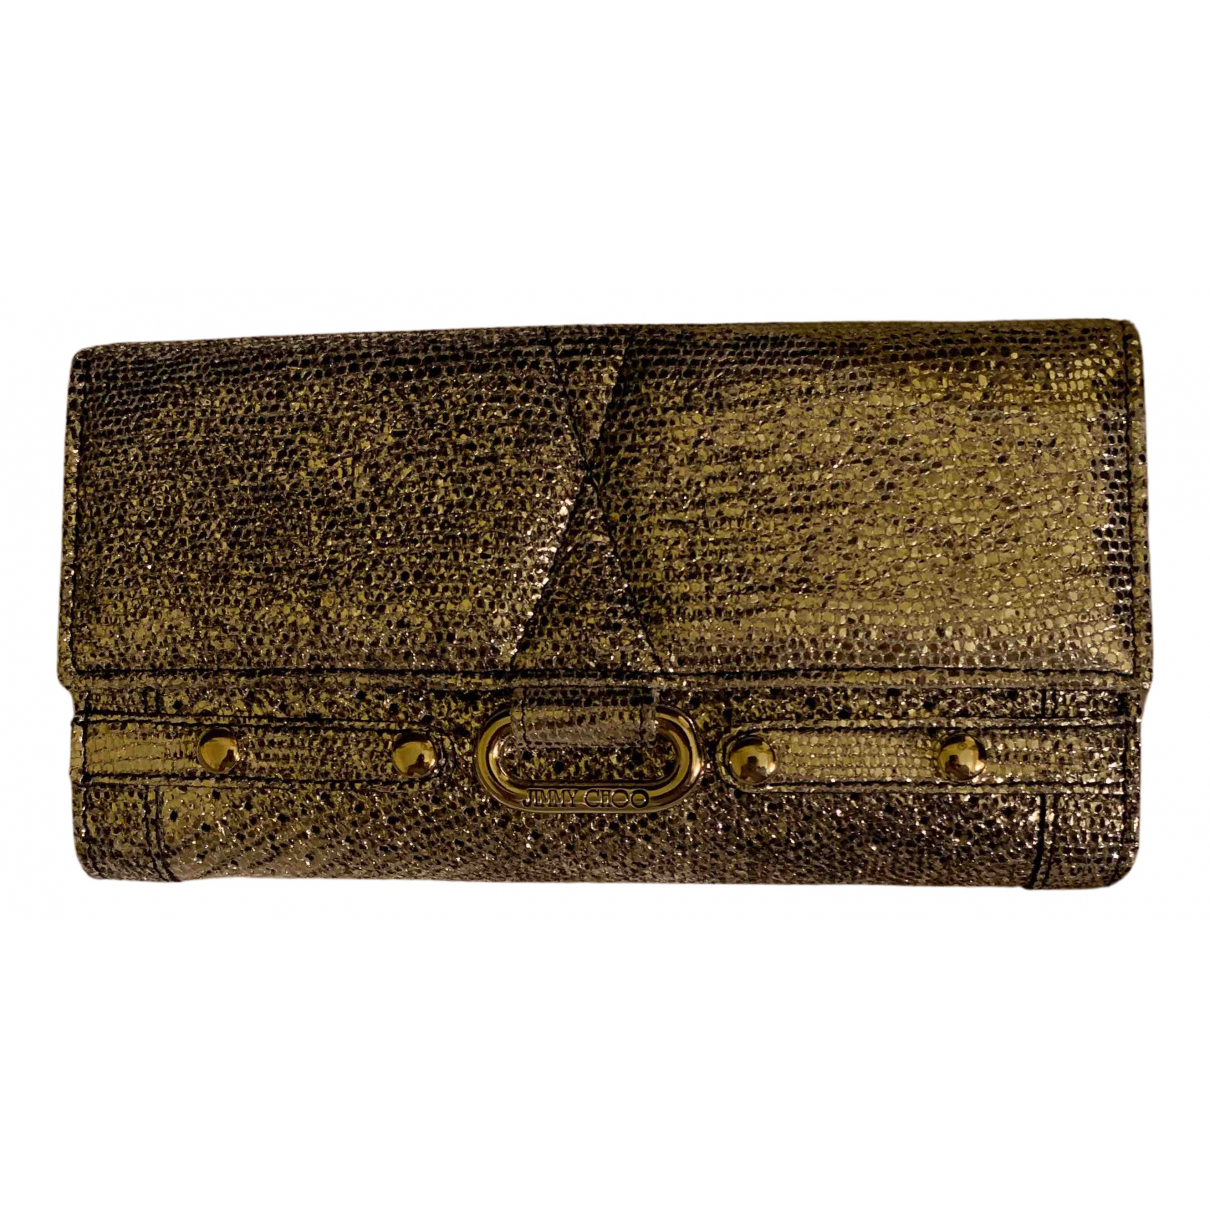 Jimmy Choo N Silver Leather wallet for Women N